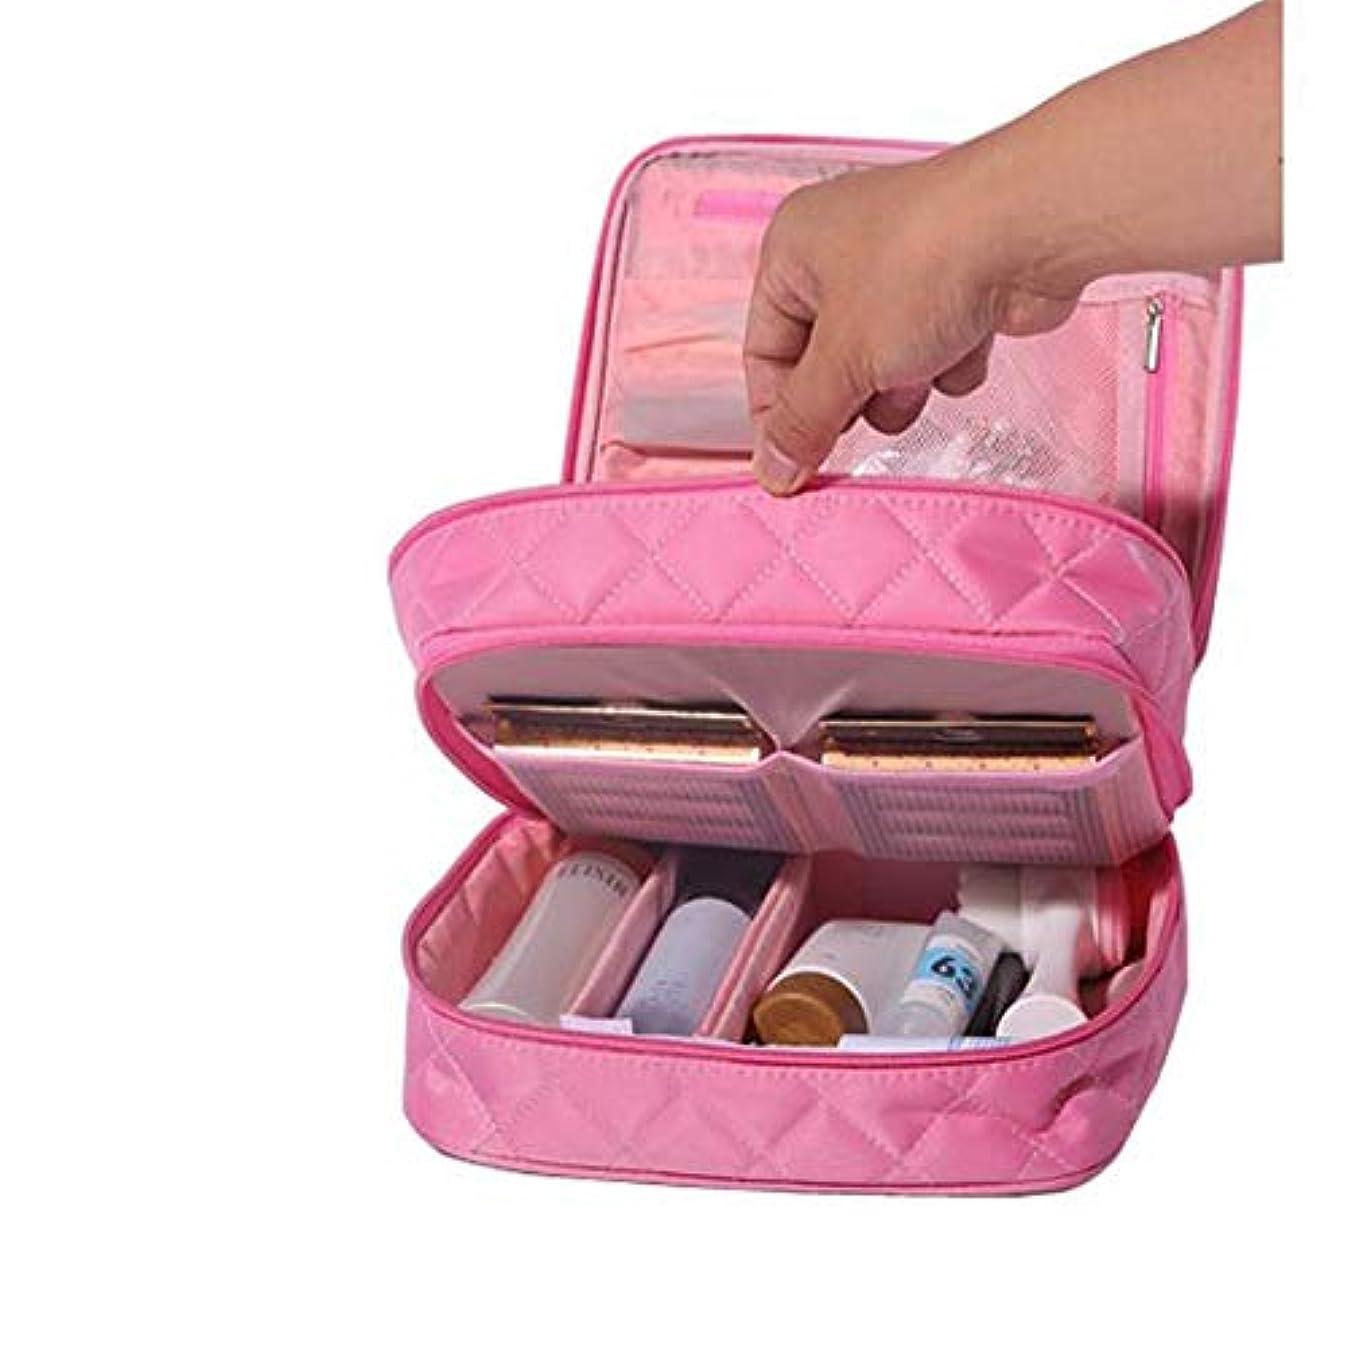 信じる写真を撮る失効特大スペース収納ビューティーボックス 化粧品袋、携帯用旅行化粧品の箱、化粧品の箱、収納箱、調節可能なディバイダーが付いている小型化粧の電車箱、化粧品の化粧筆、化粧品 化粧品化粧台 (色 : ピンク)